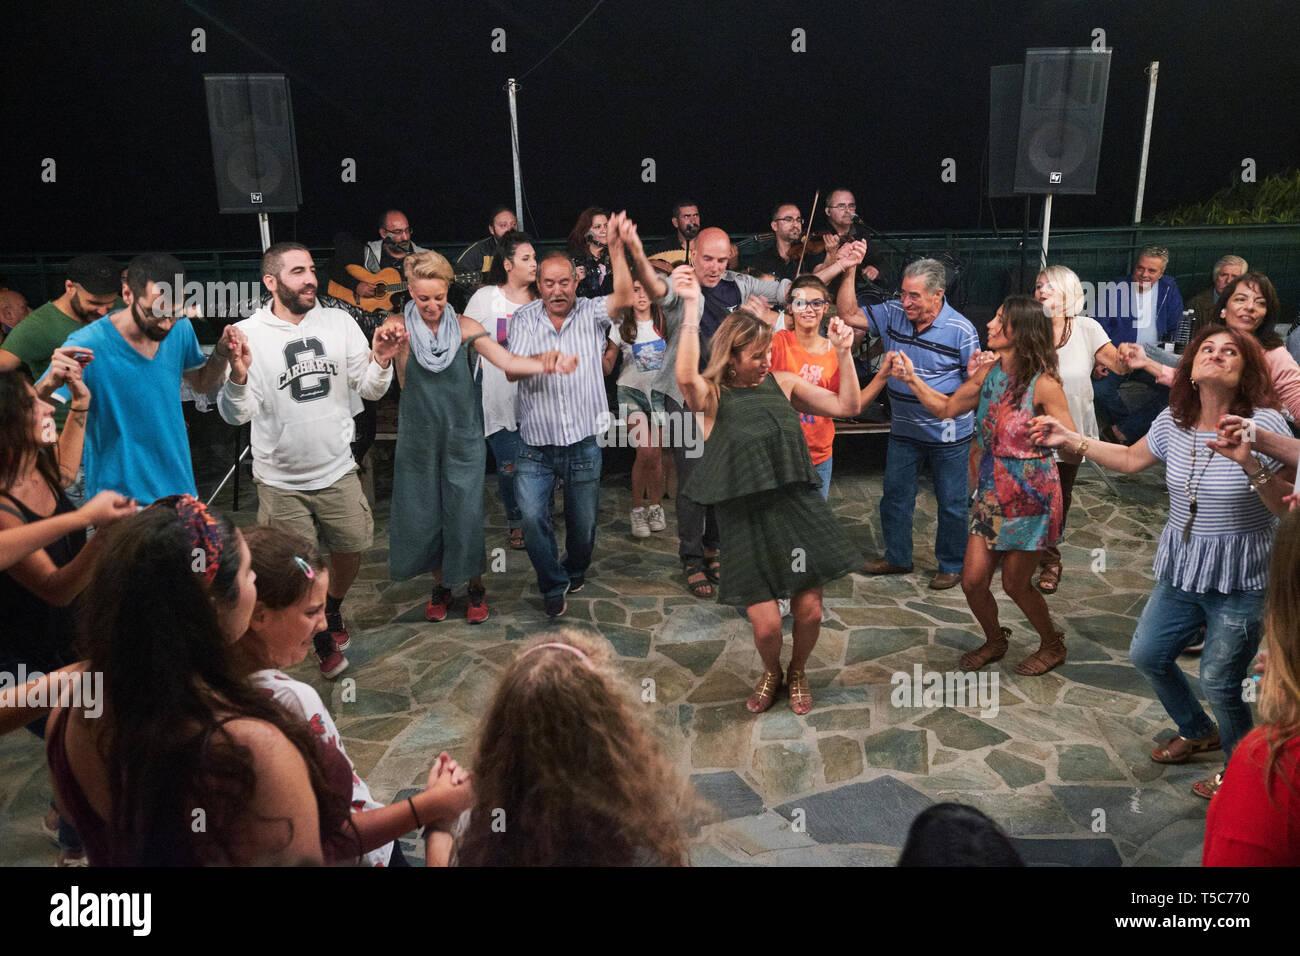 Eine panegyri, oder Dorf Festival der traditionellen Musik und Volkstanz, auf der griechischen Insel Ikaria im Ägäischen Meer. Stockbild